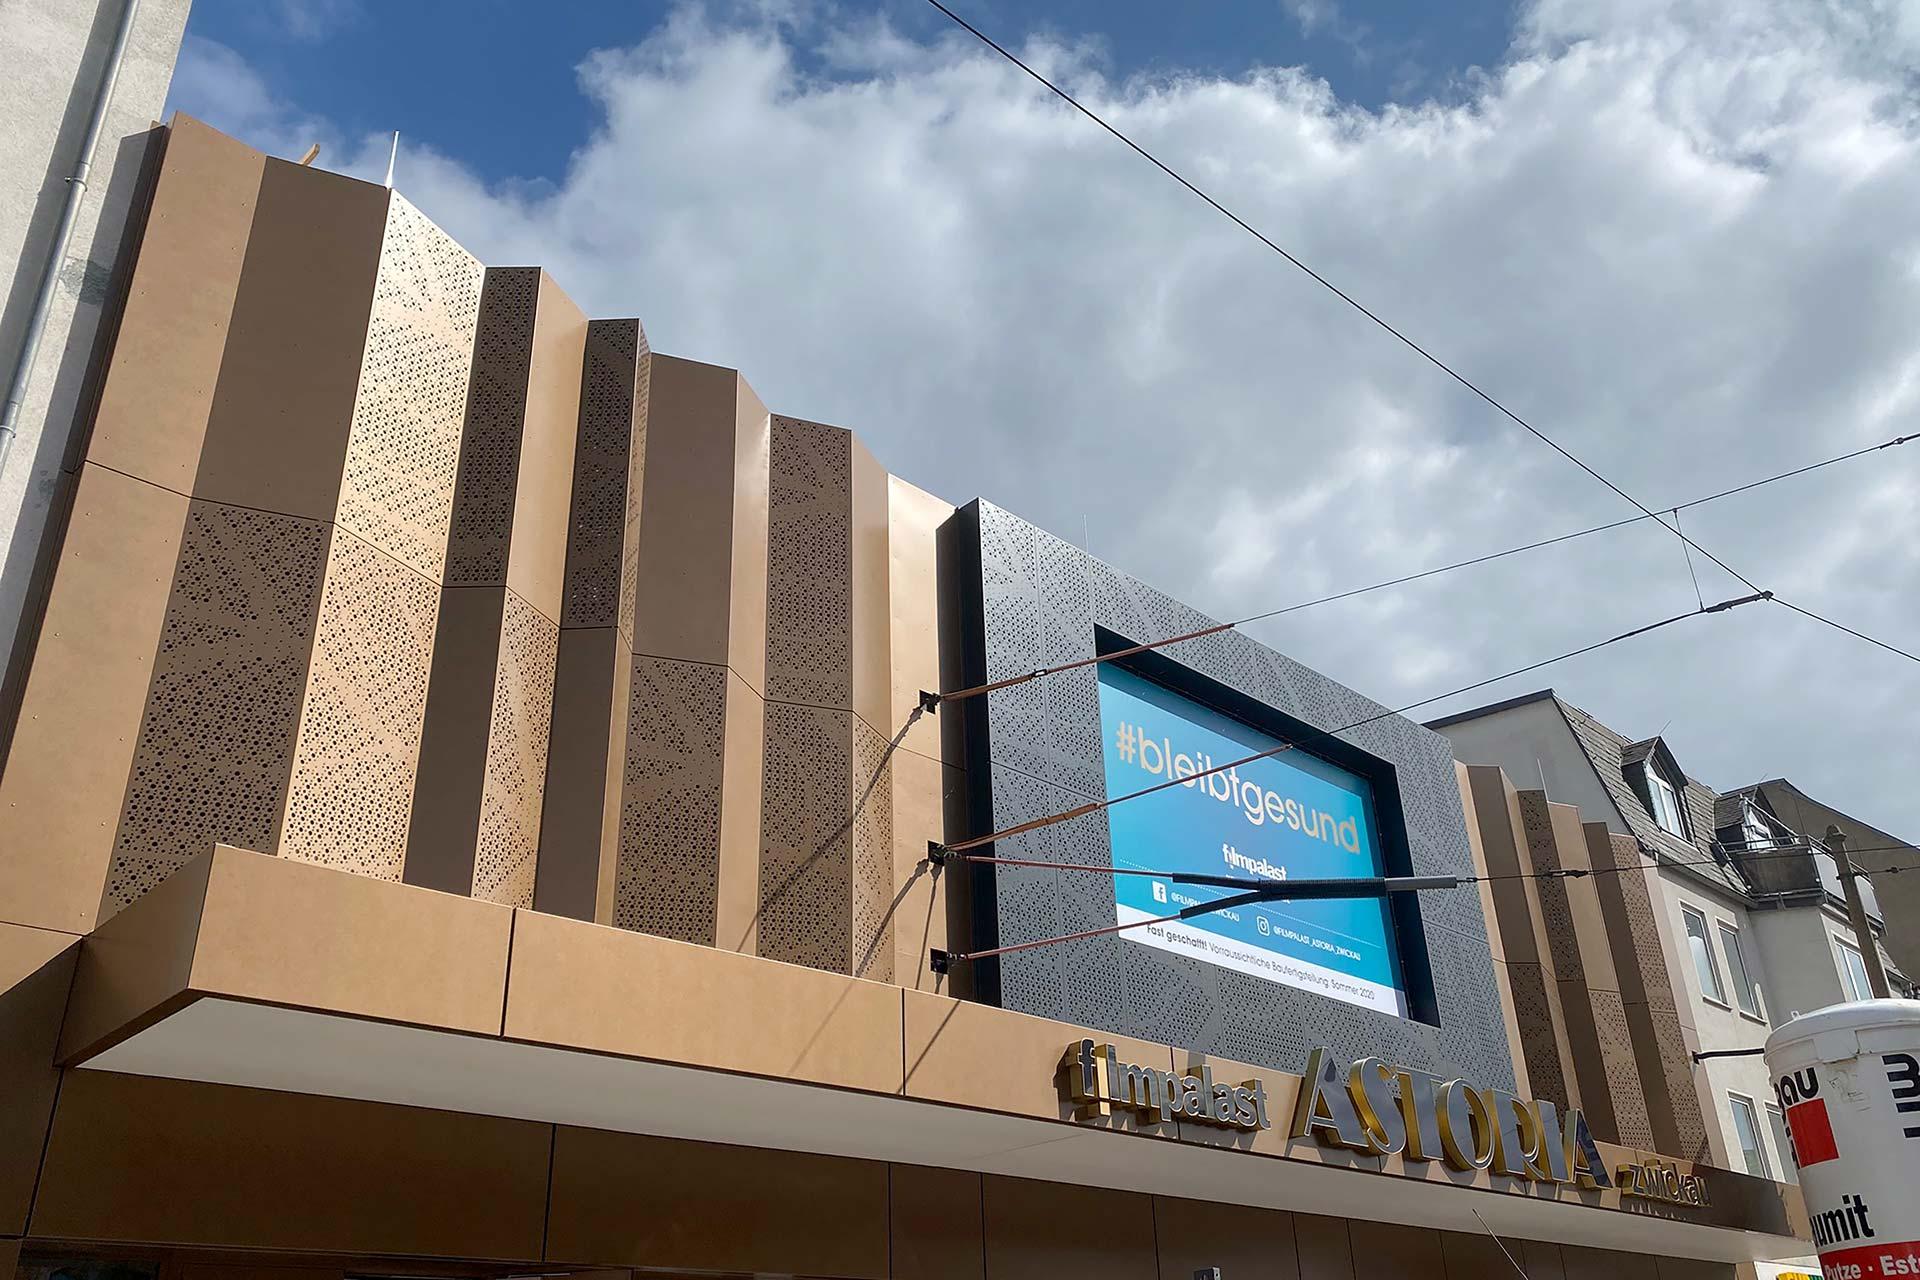 Projekte: Kino in Zwickau (2020) - Attika, Eingangstüren und Verkleidungen